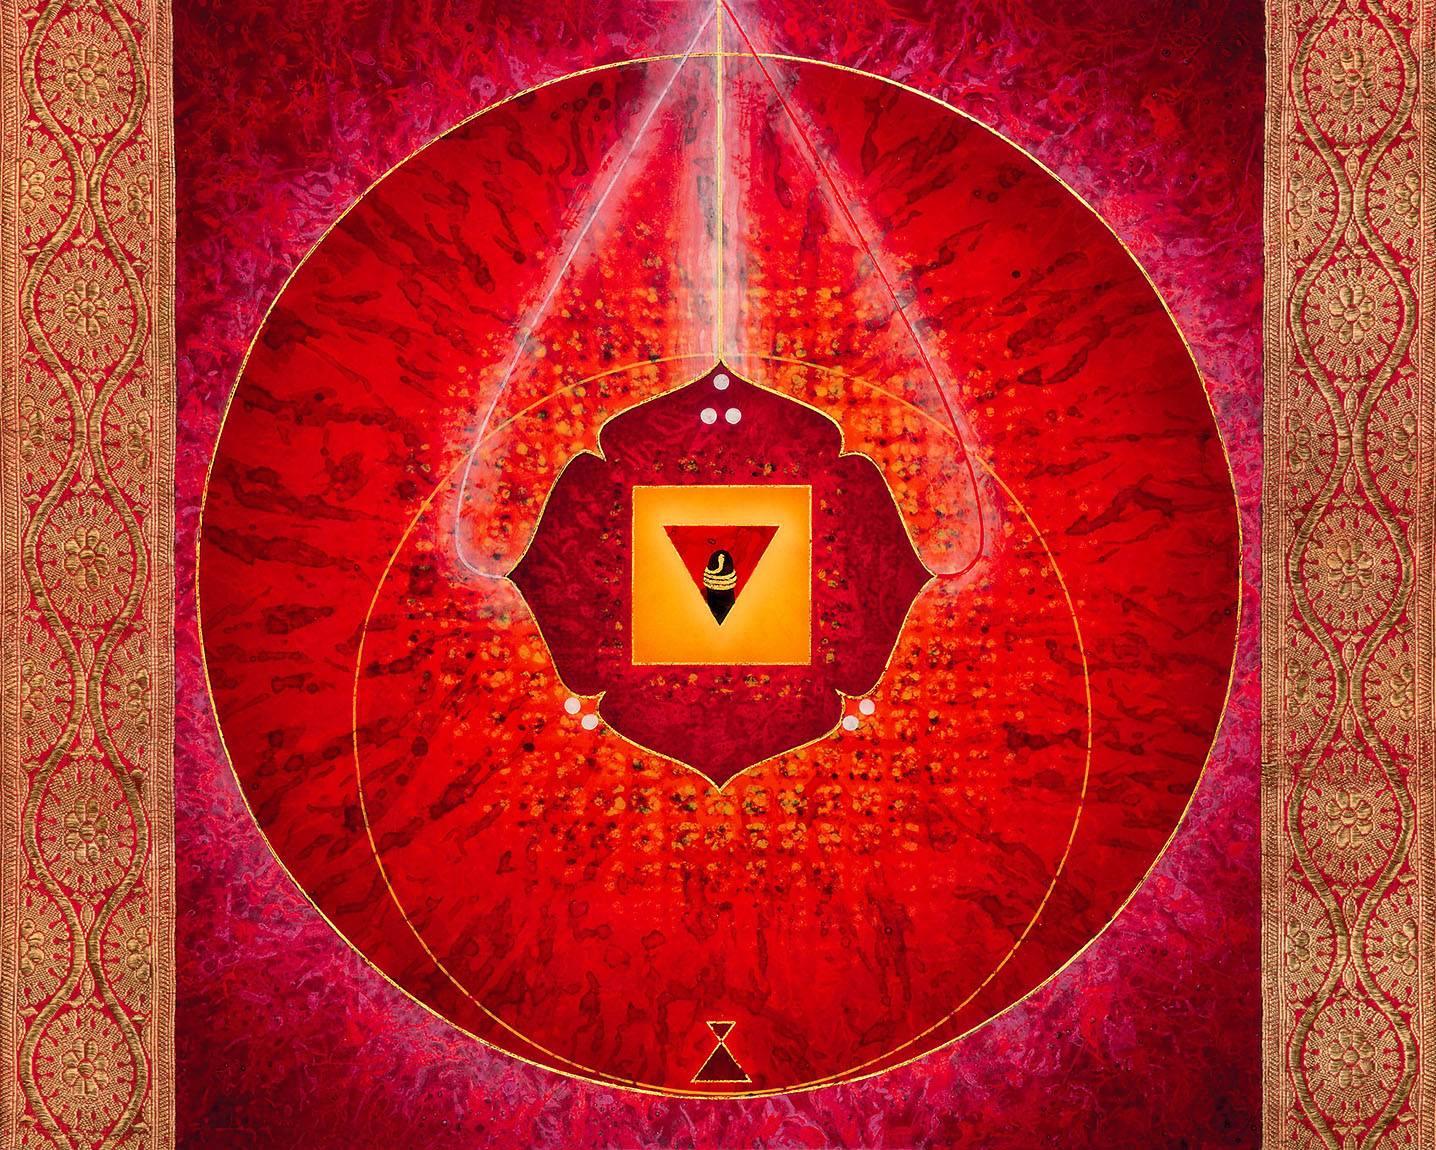 Первая чакра муладхара: все, что вы должны знать о ней